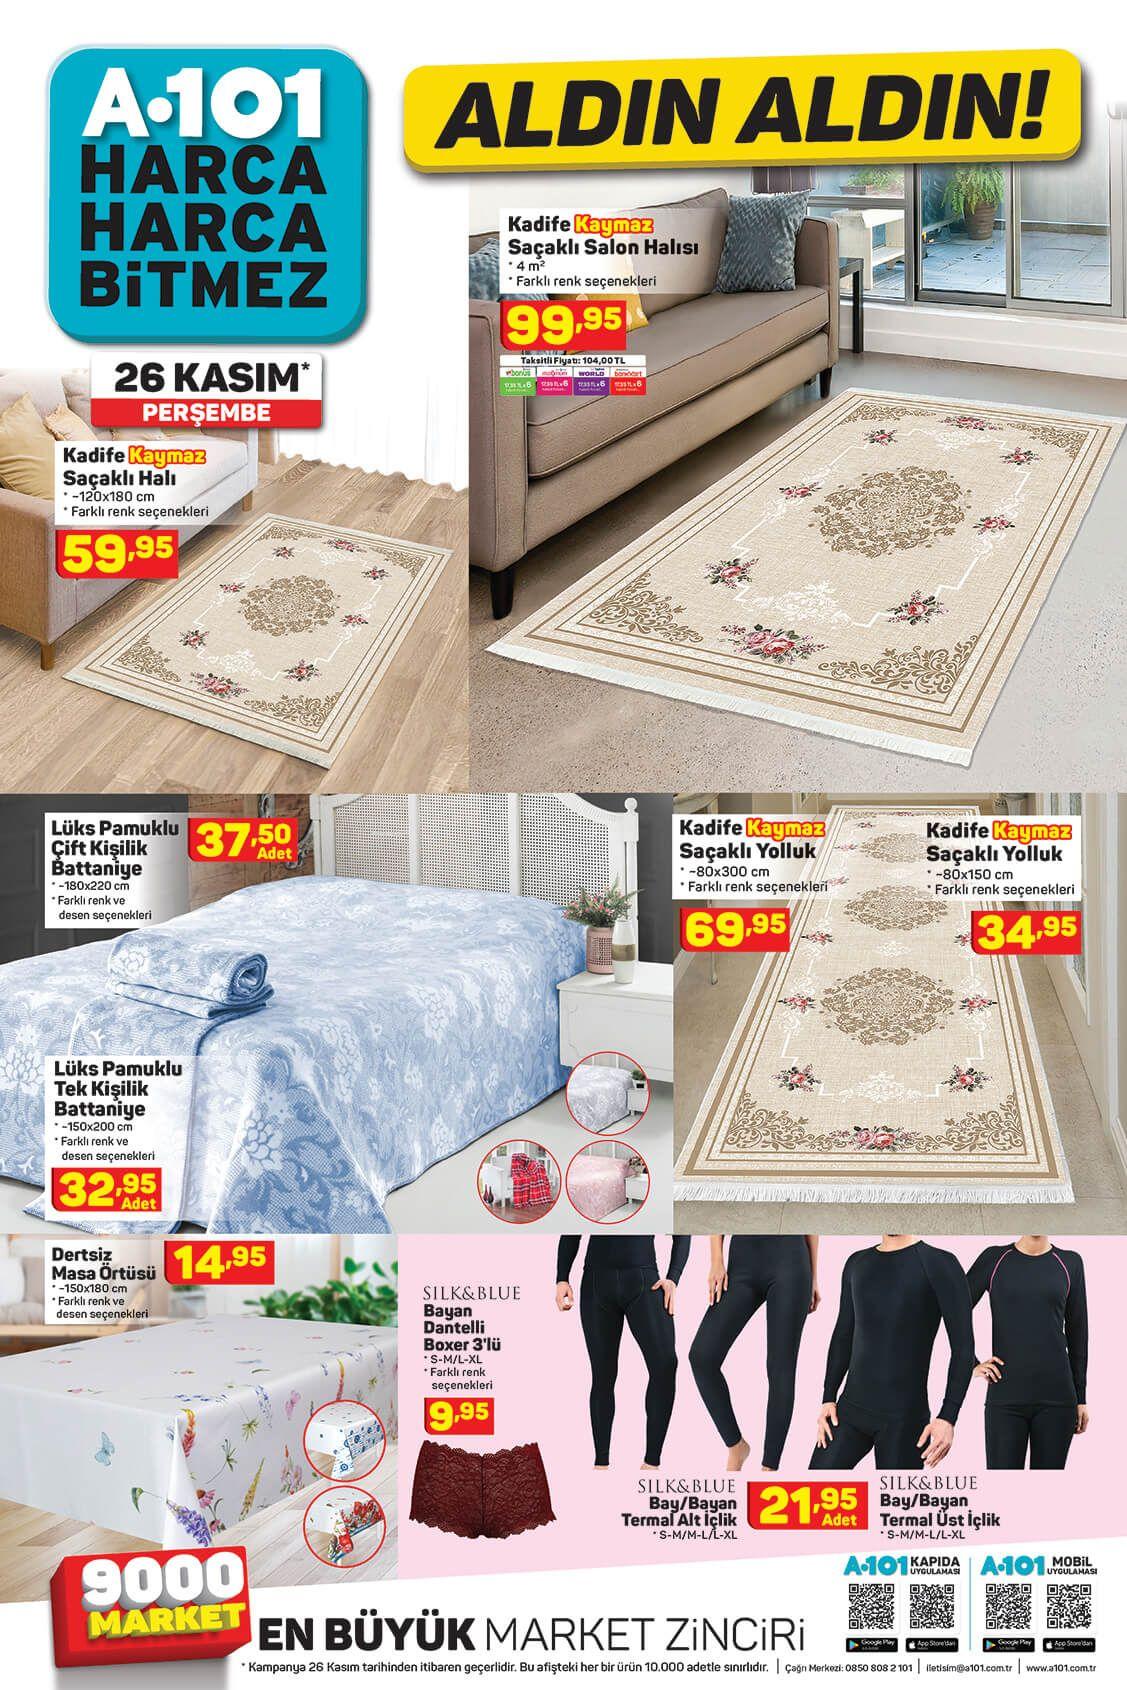 A101-Aktuel-26-Kasim-Ev-Tekstili-Urunleri-Sayfasi-Up